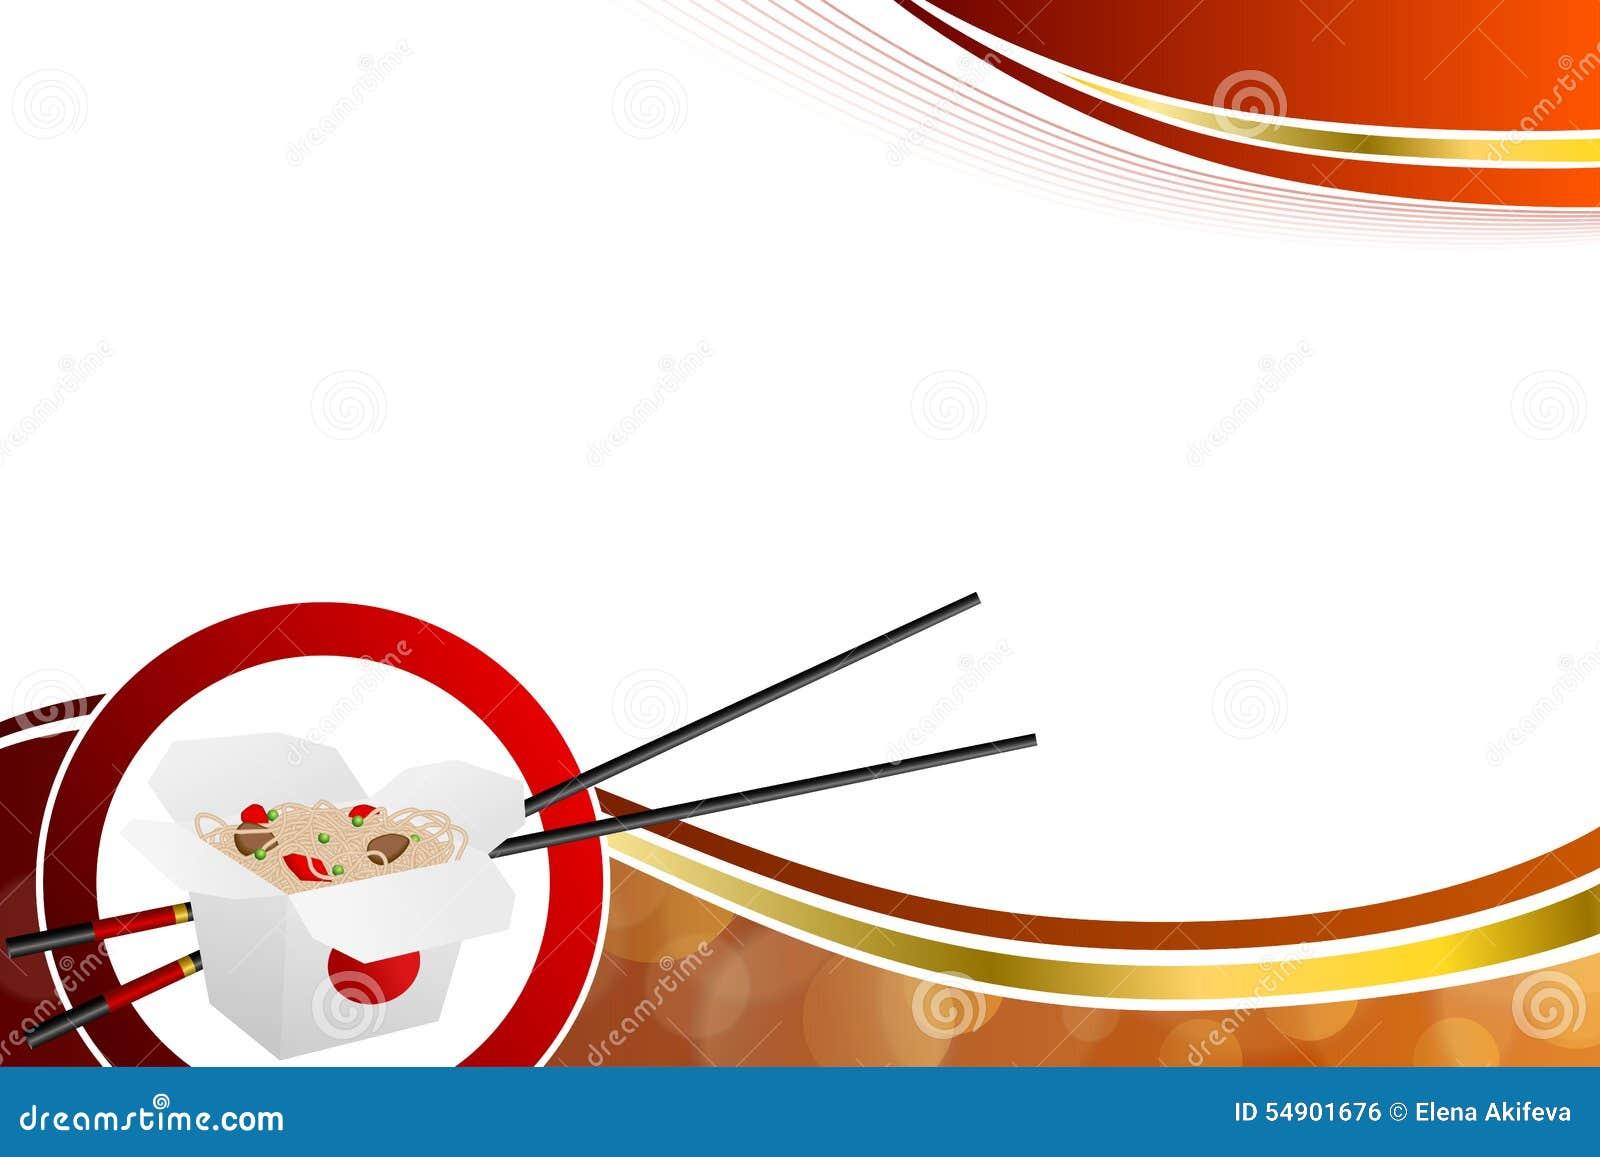 Chinese White Circle Food